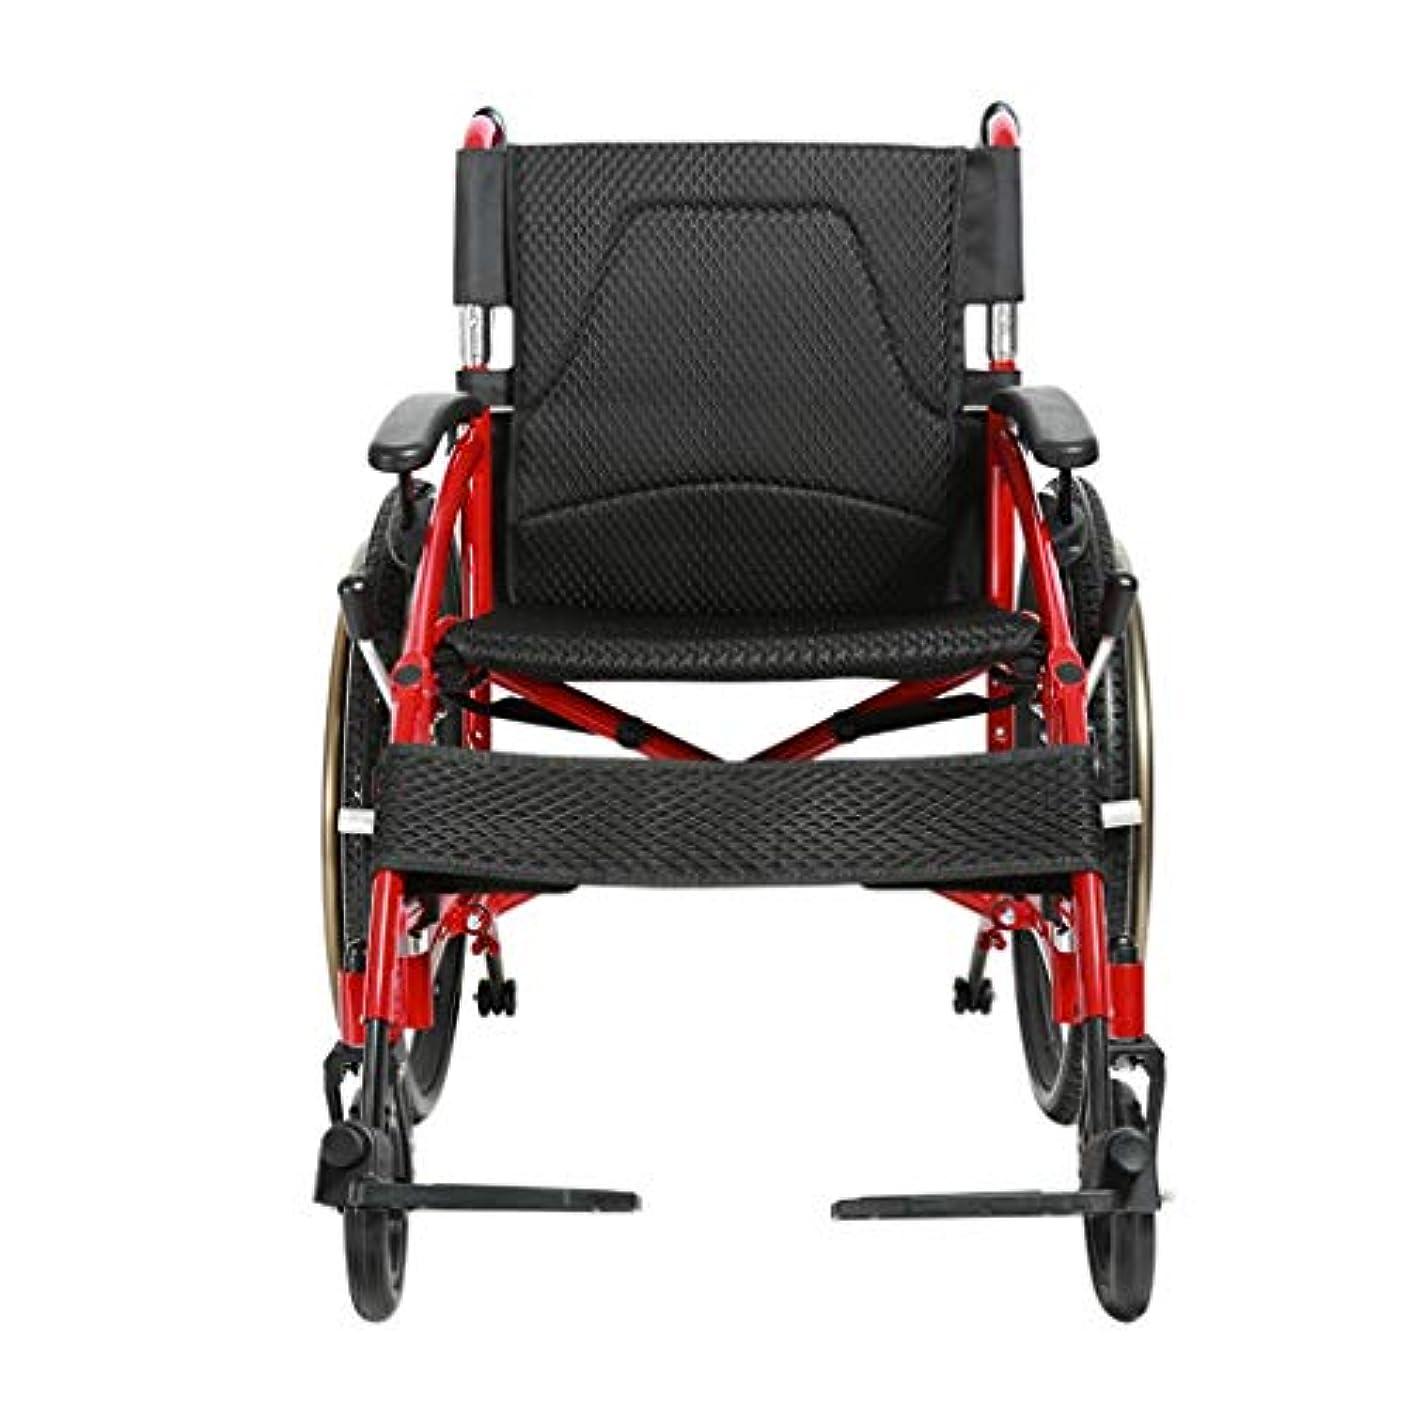 評議会遮るロッド手押し式車椅子、折りたたみ式、手回し式プッシュ式歩行装置、大人および身体障害者用アルミニウム製トラベルスクーターに適しています